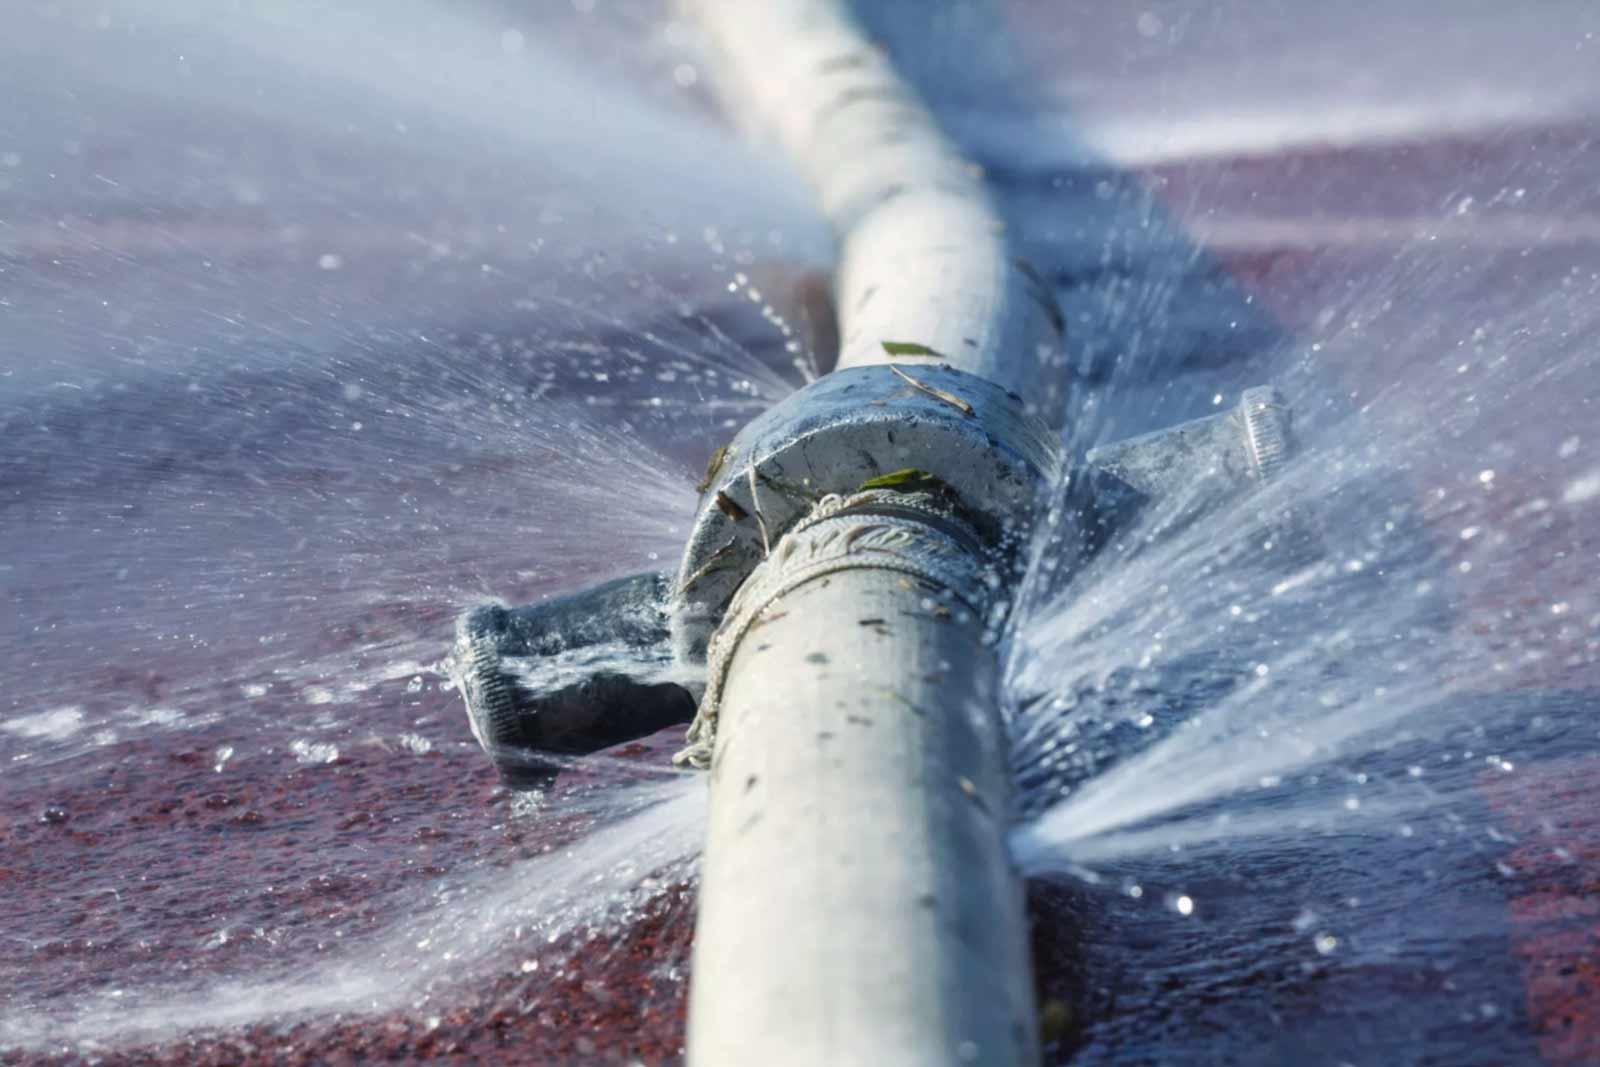 Image greenrestoration-waterdamage